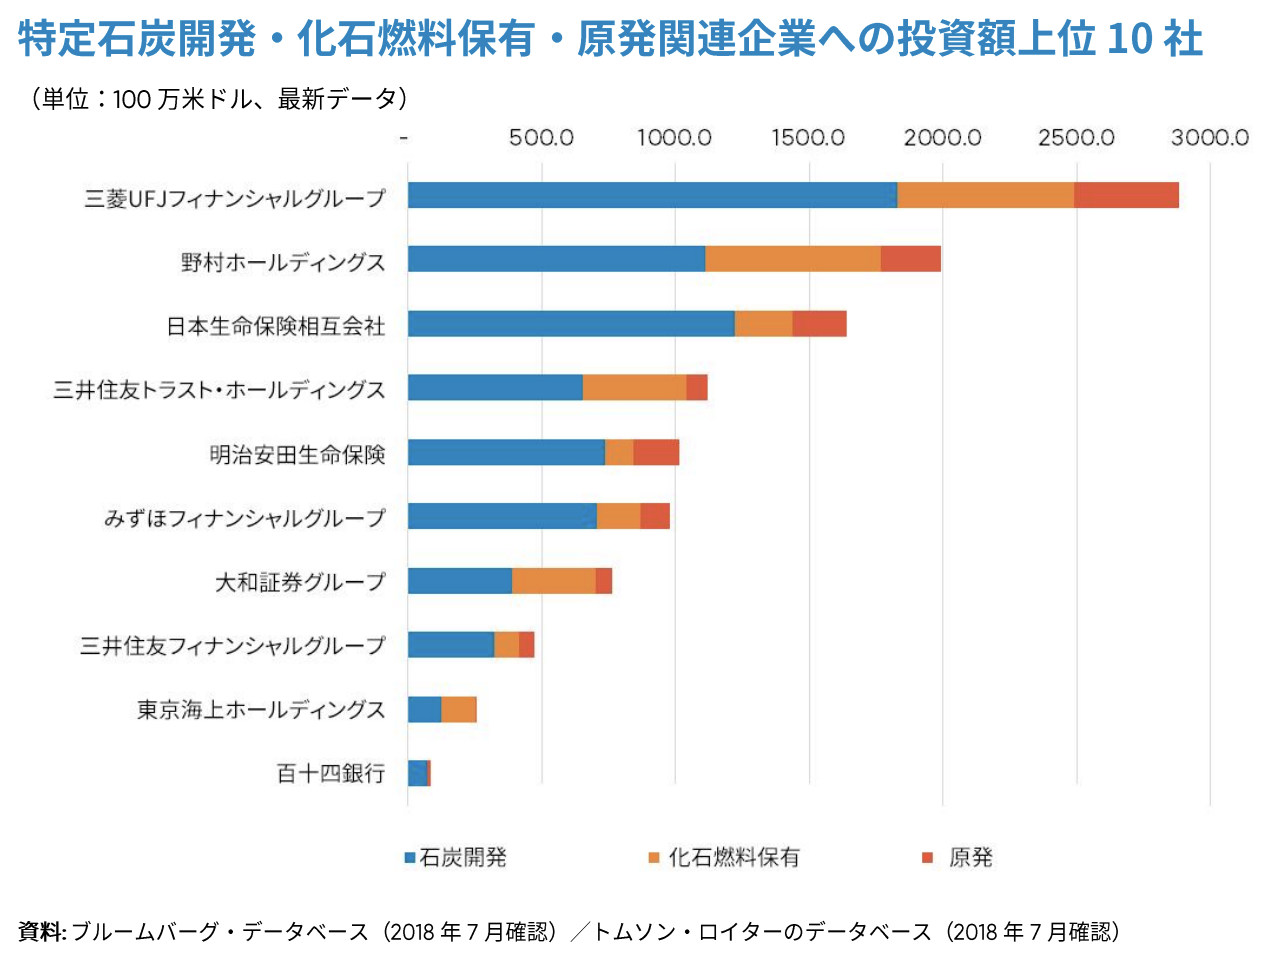 【日本】350.org、日本の金融機関151社の化石燃料・原発ファイナンス分析。メガバンク3行多い 3